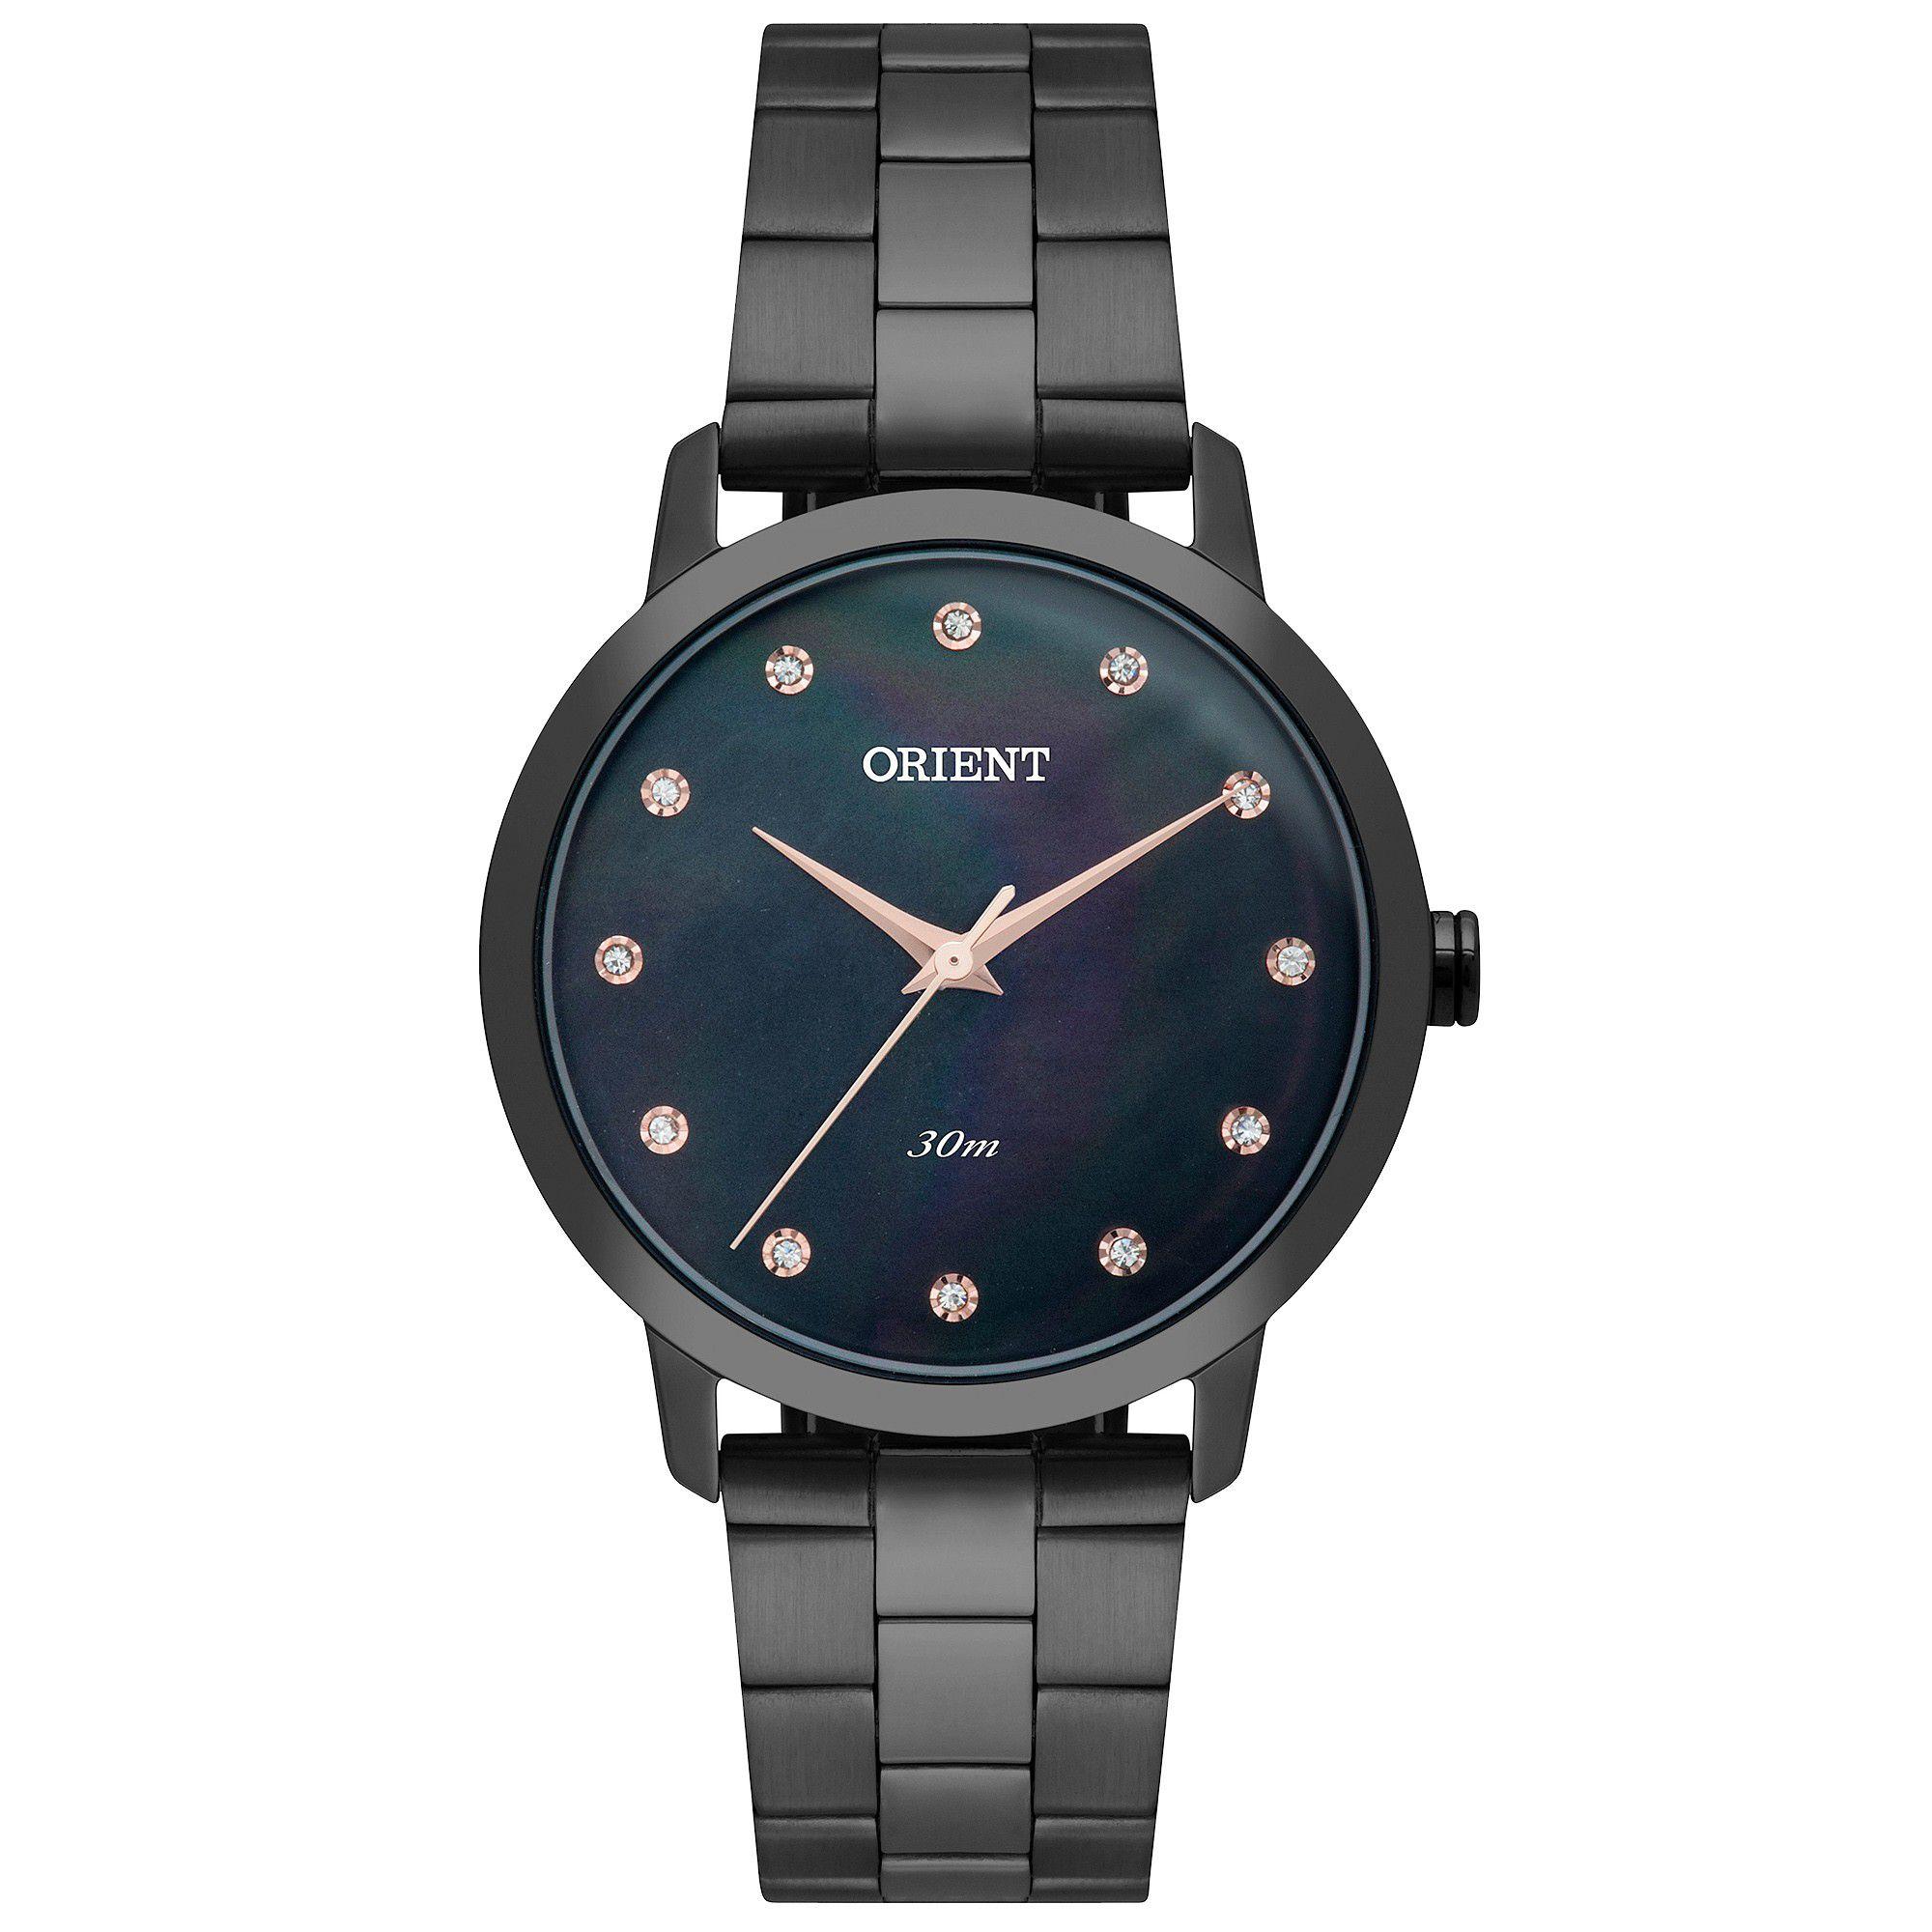 Relógio Feminino Orient FPSS0002 P1PX